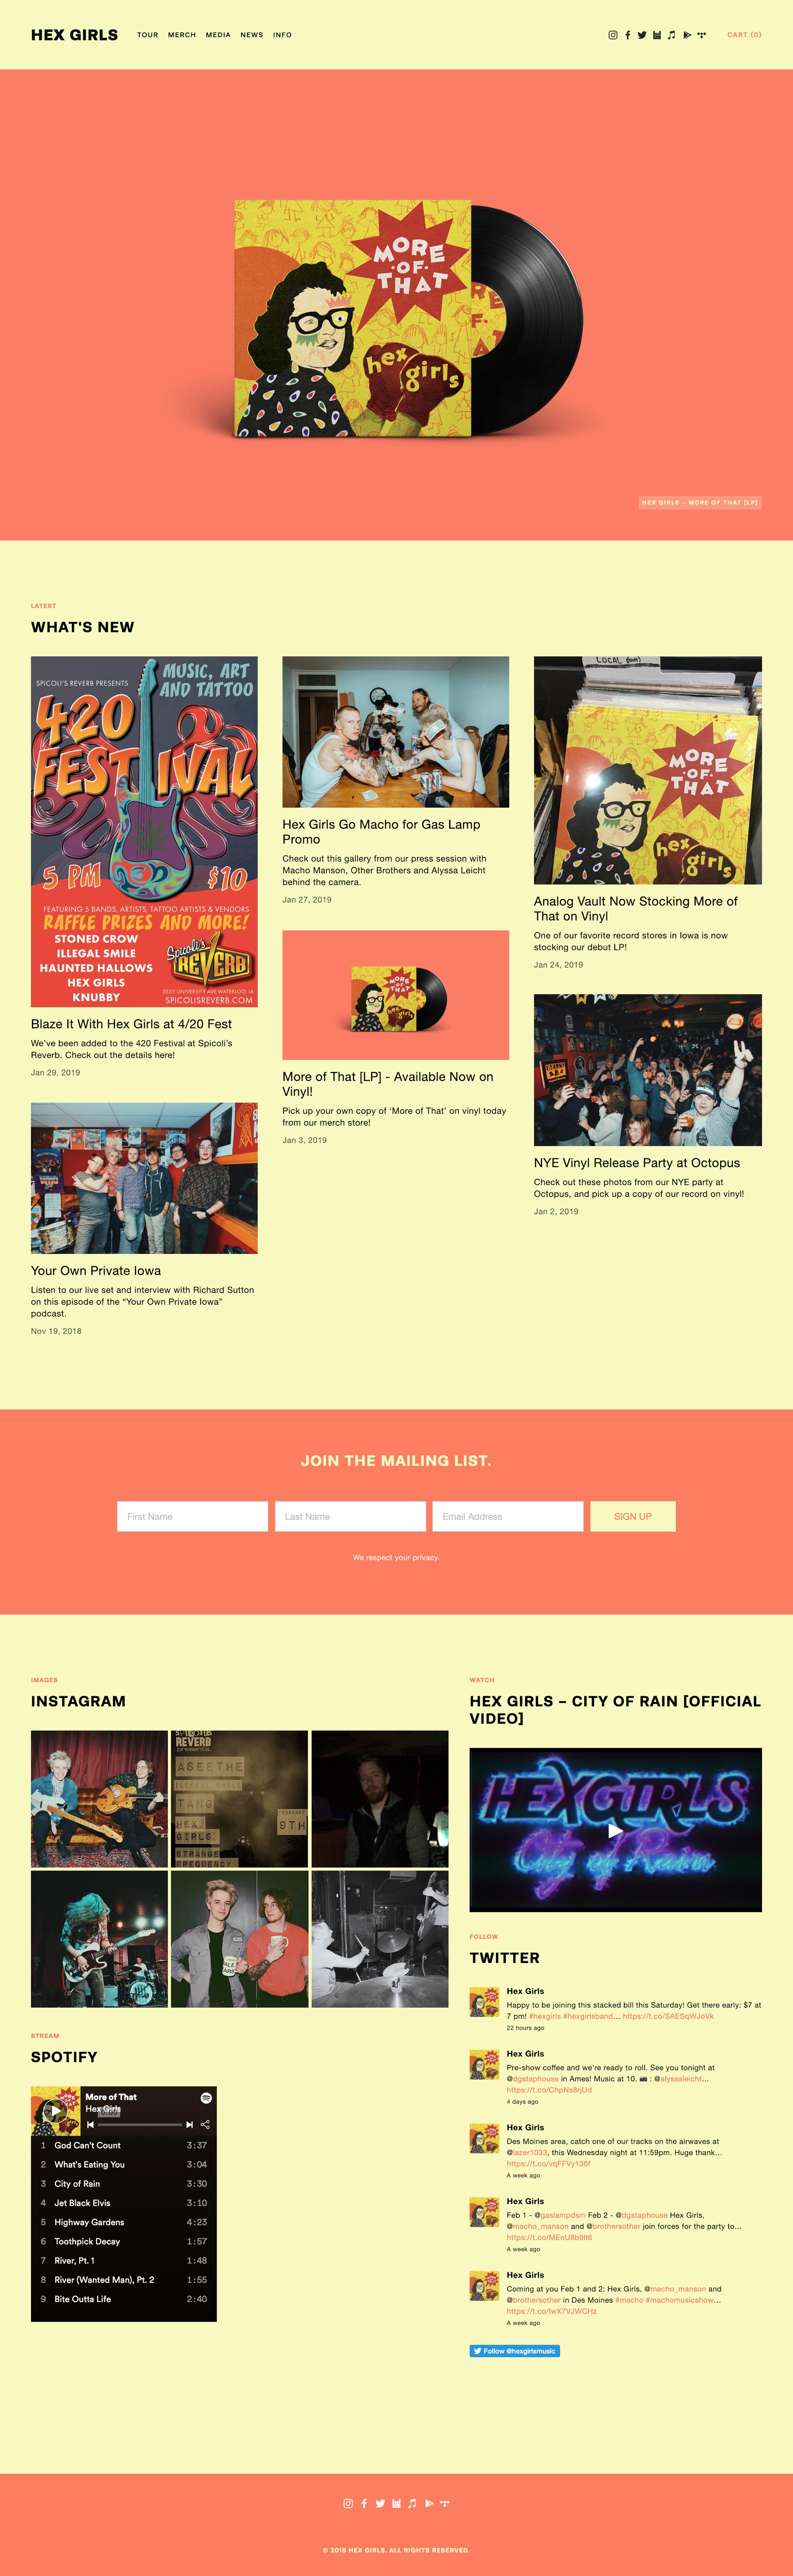 Hex Girls website home page - Designed by Alyssa Leicht